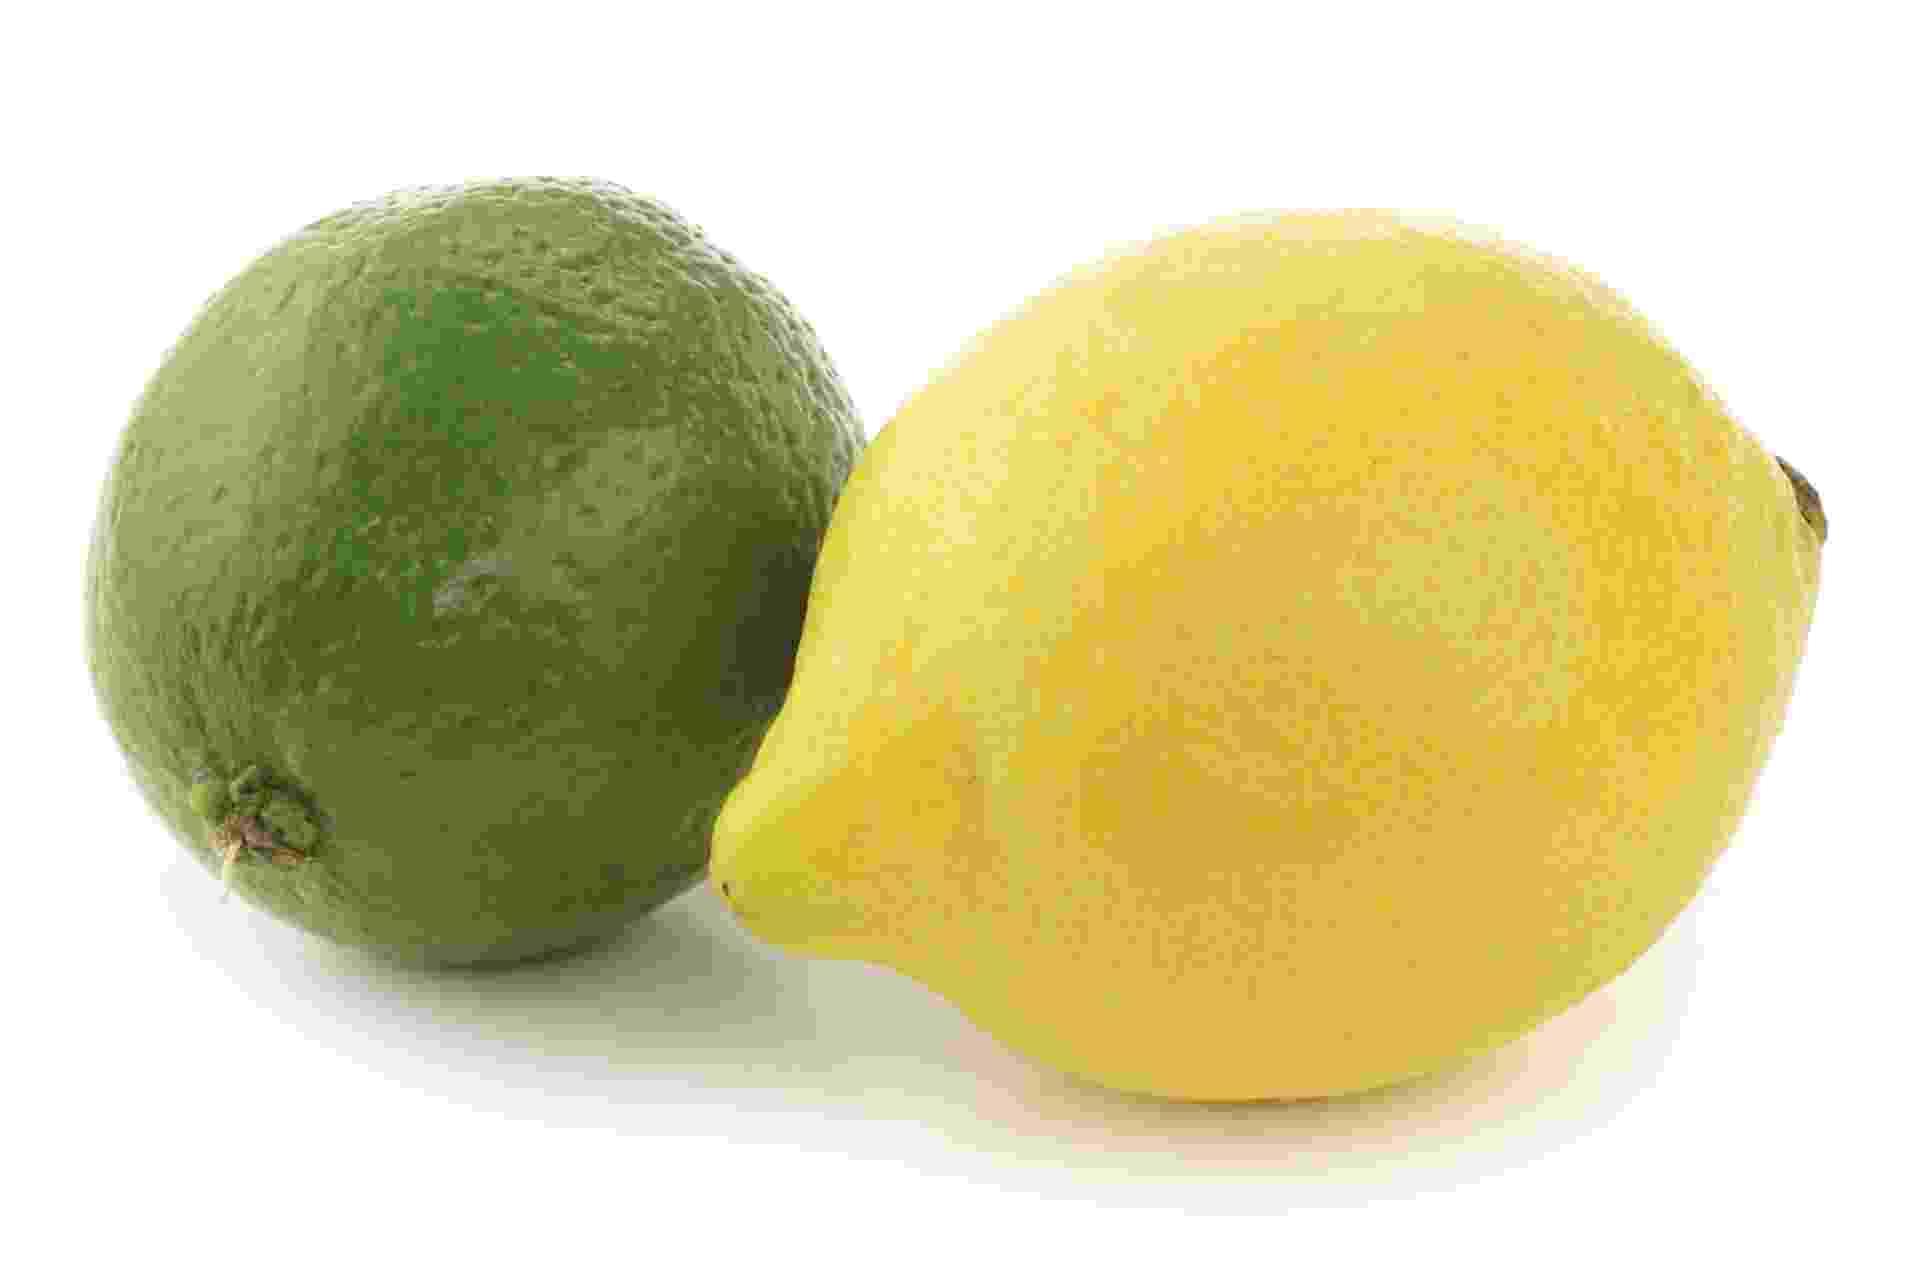 limões; limão - Getty Images